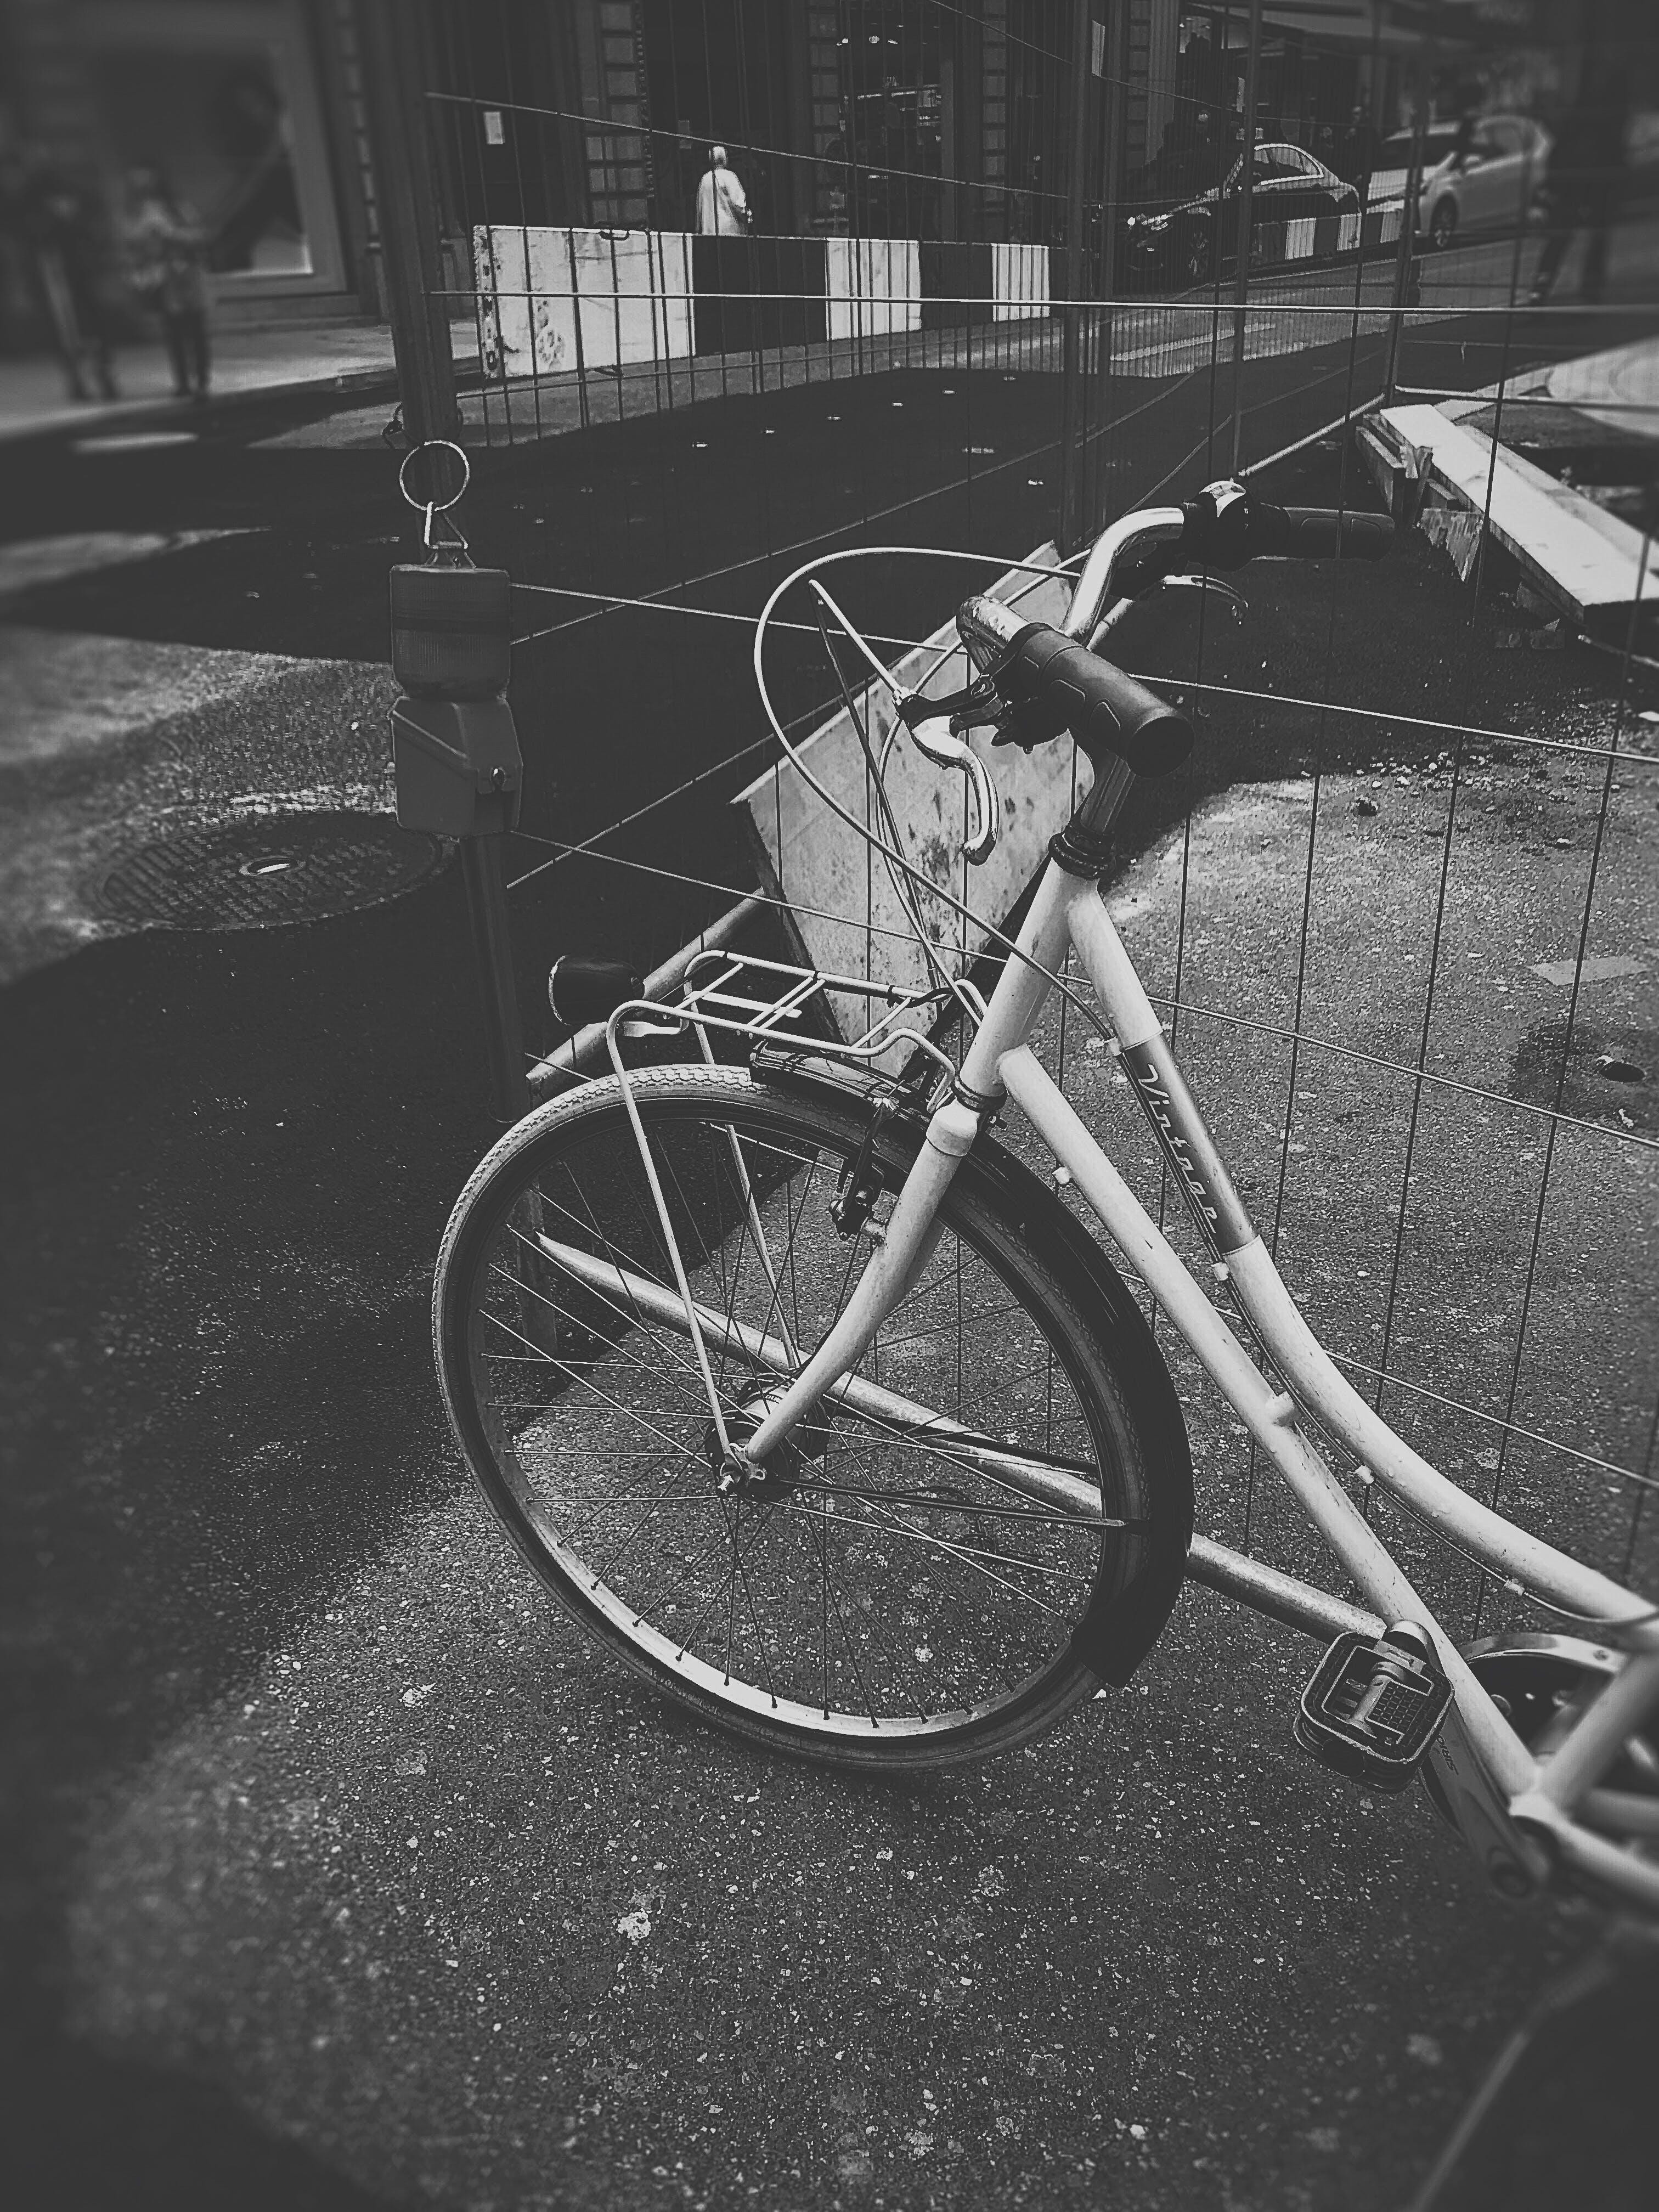 bisiklet, eski moda, kaldırım, Kent içeren Ücretsiz stok fotoğraf